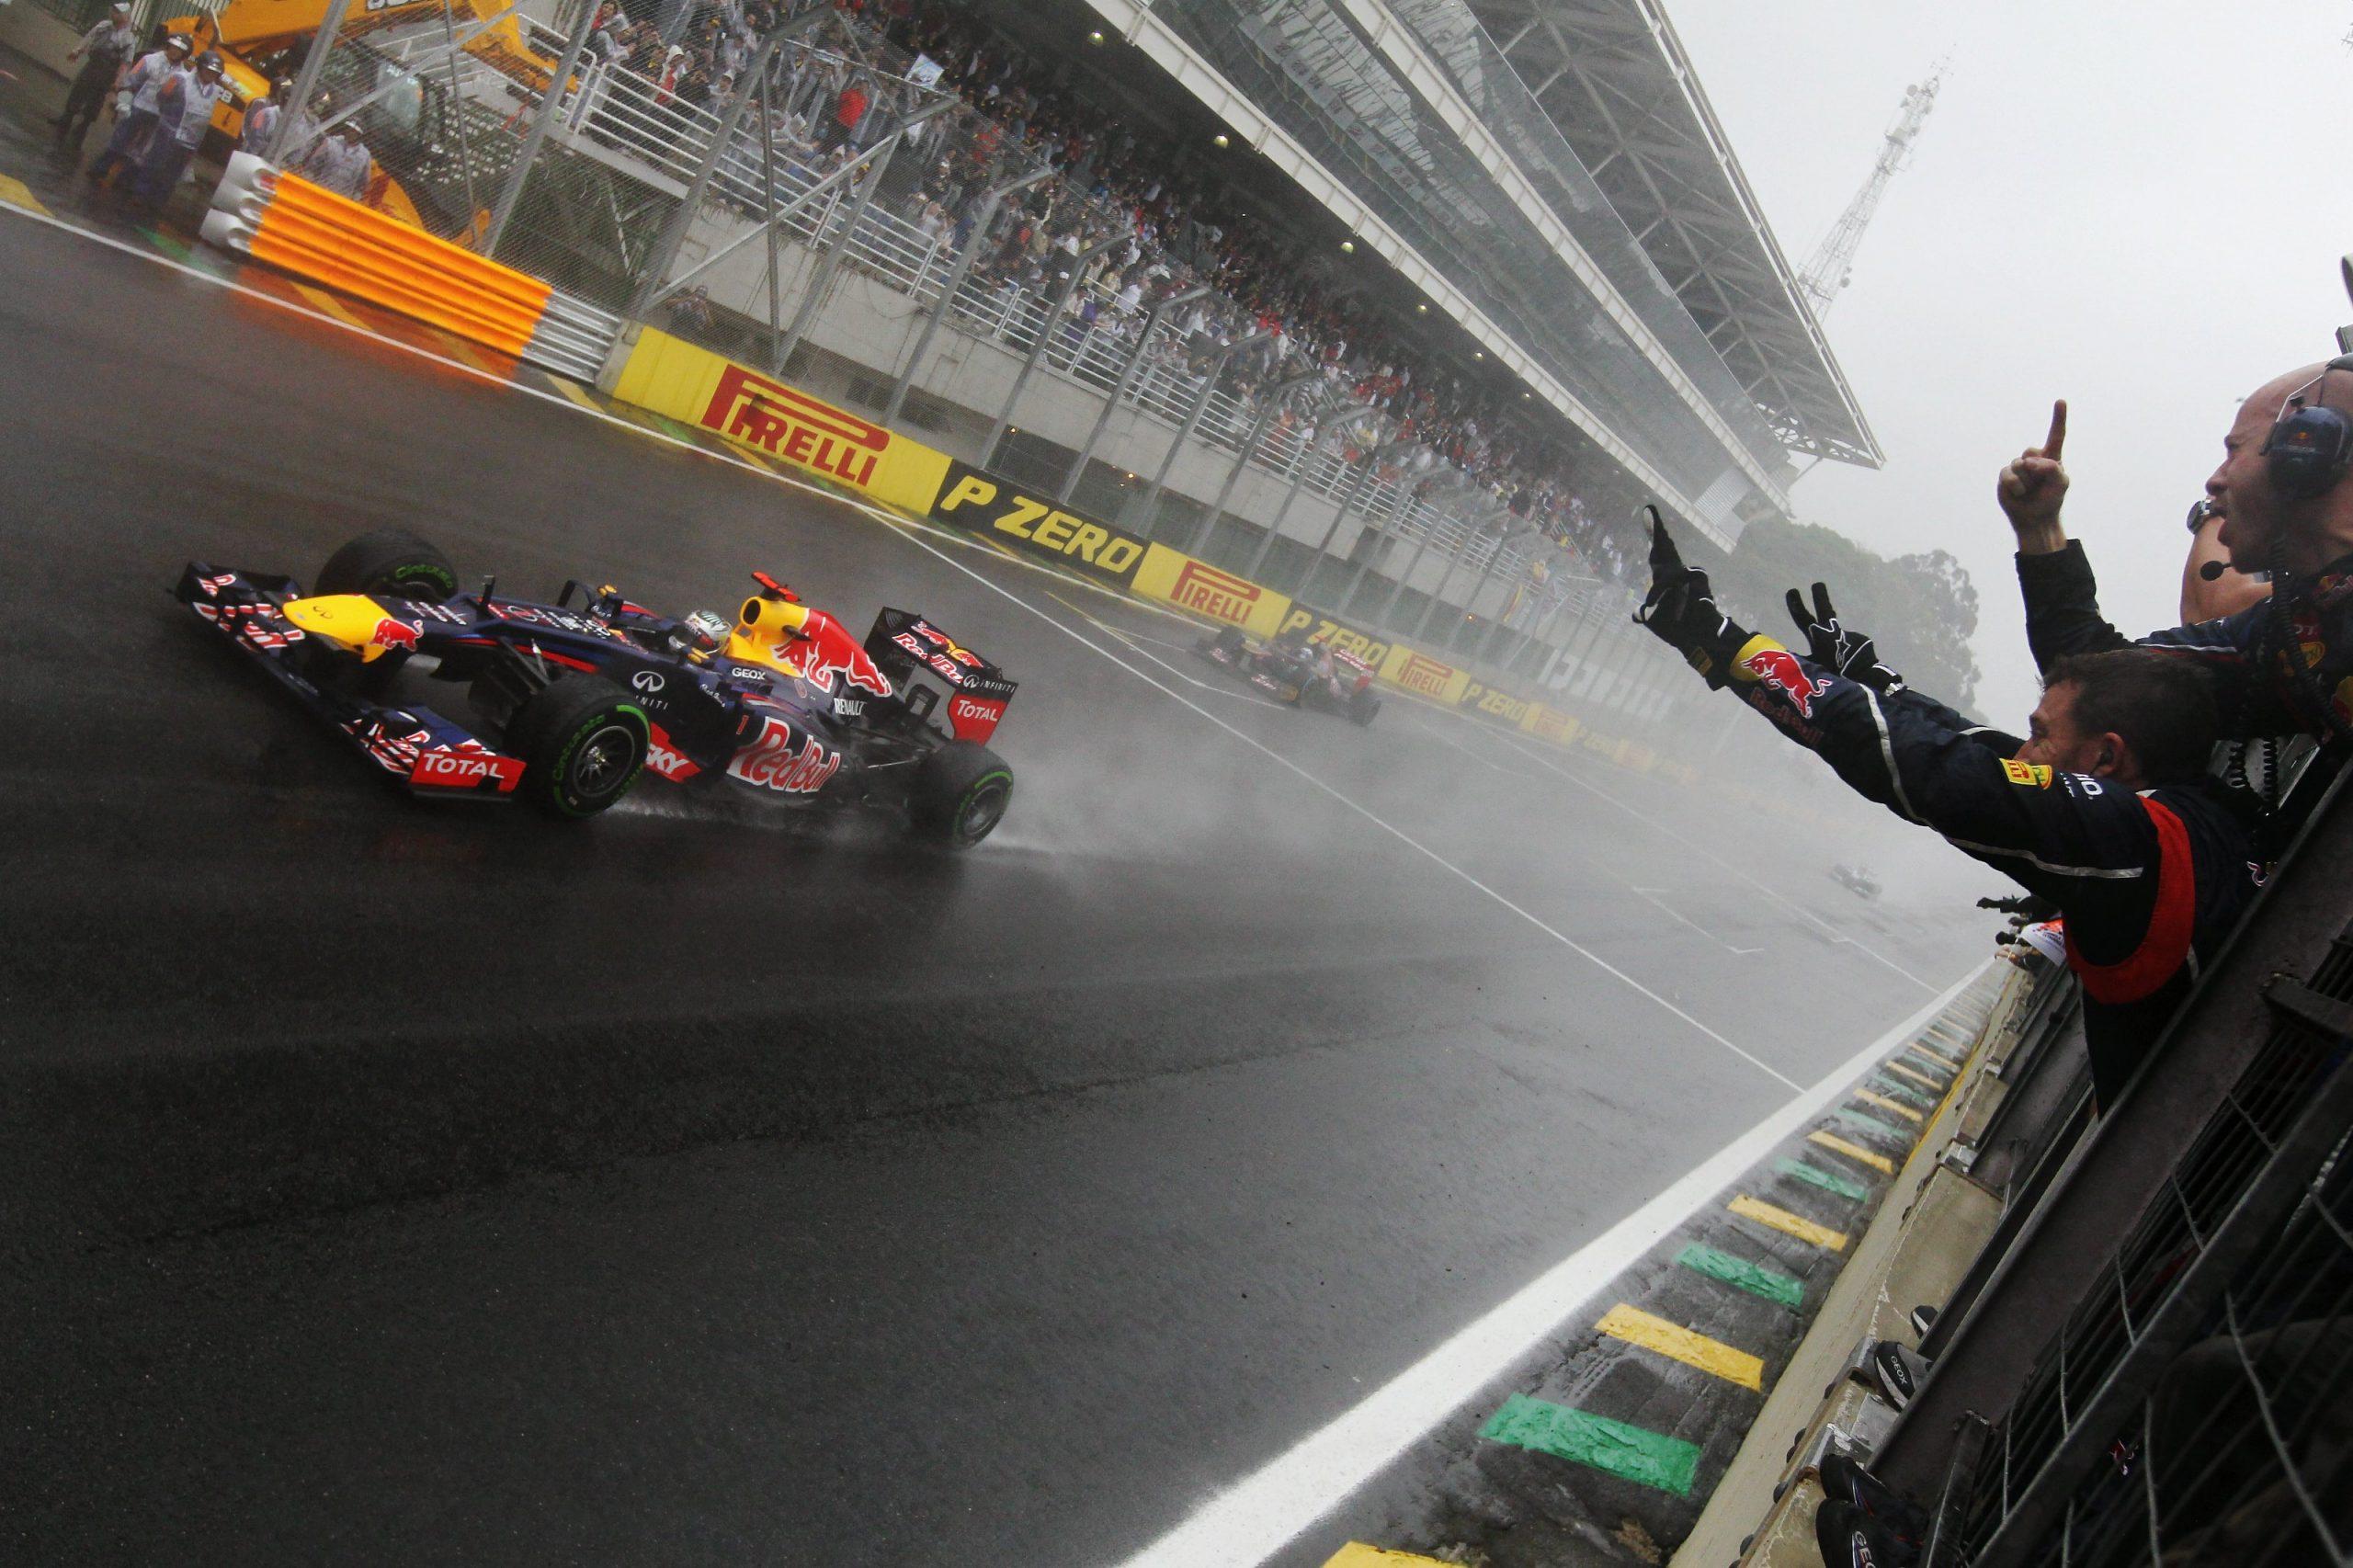 GP du Brésil 2012 F1